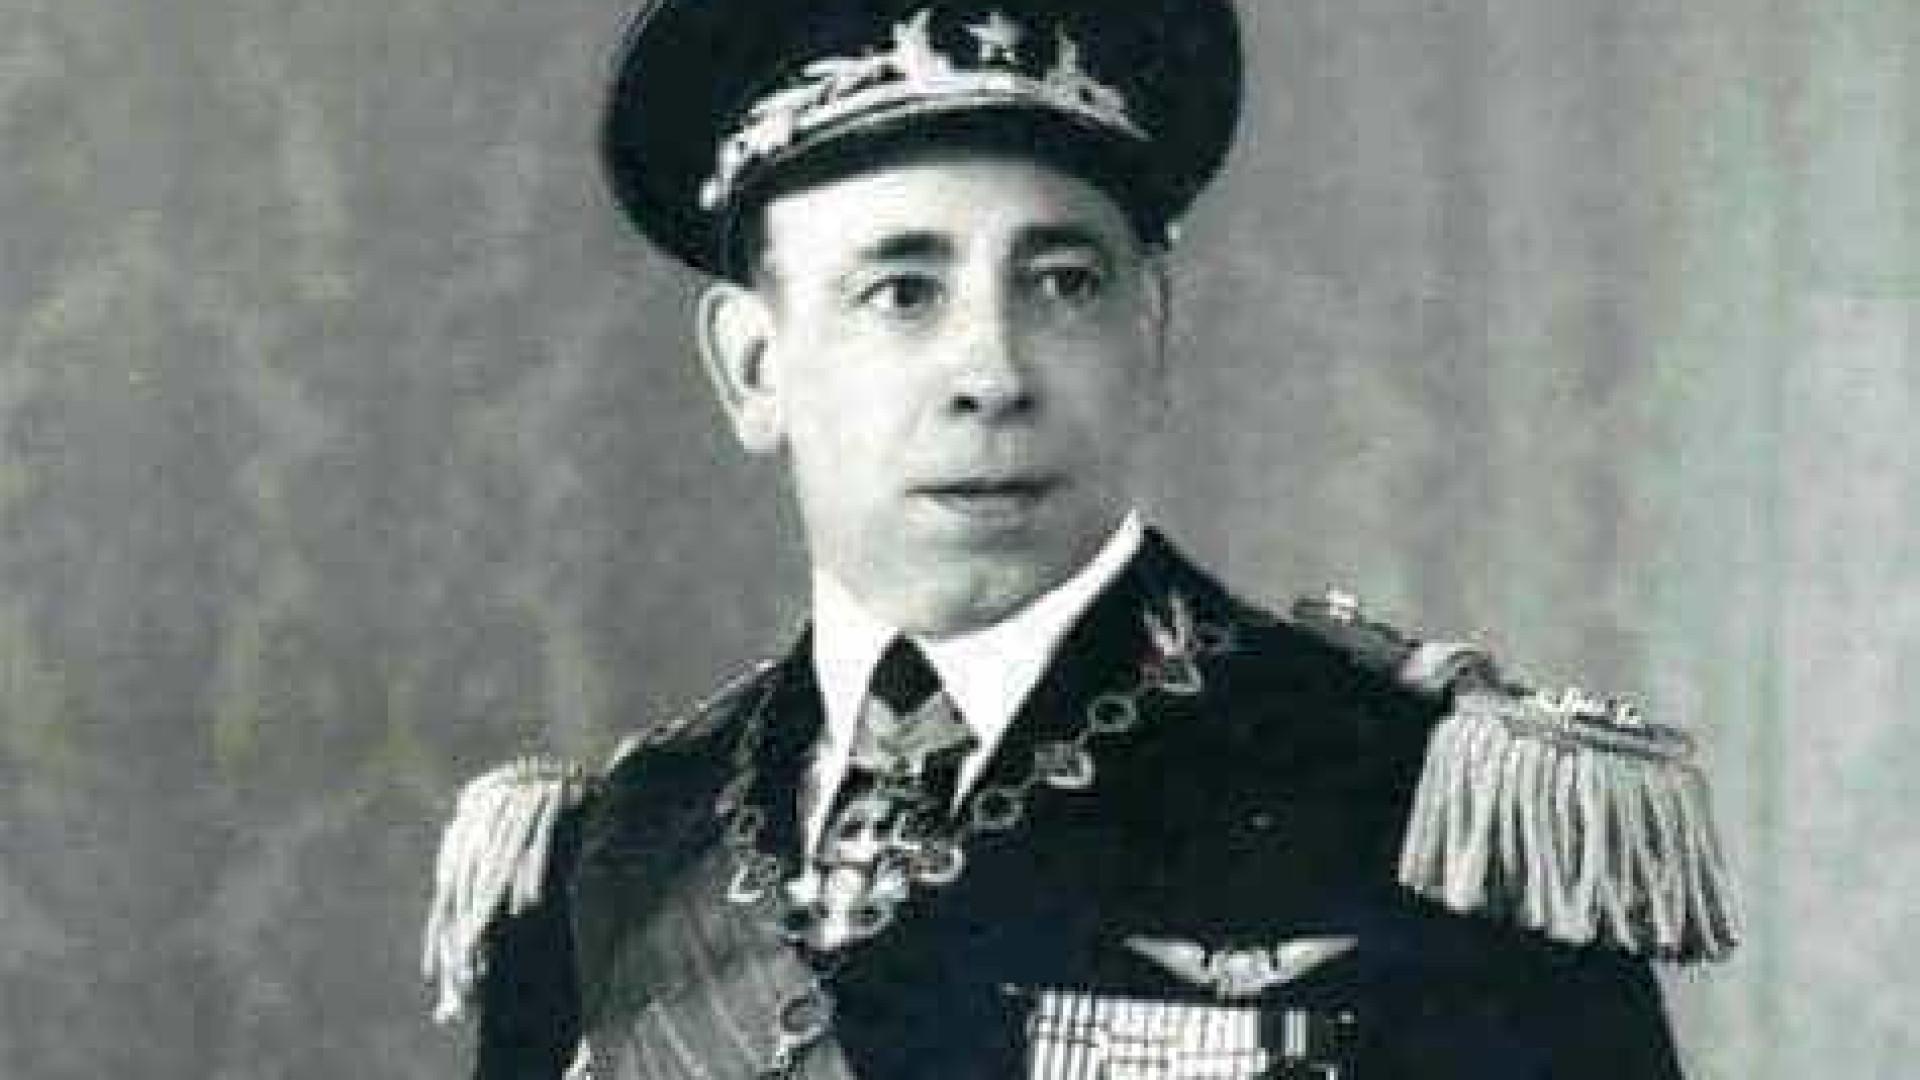 Foi há 52 anos que mataram o General que ousou desafiar Salazar